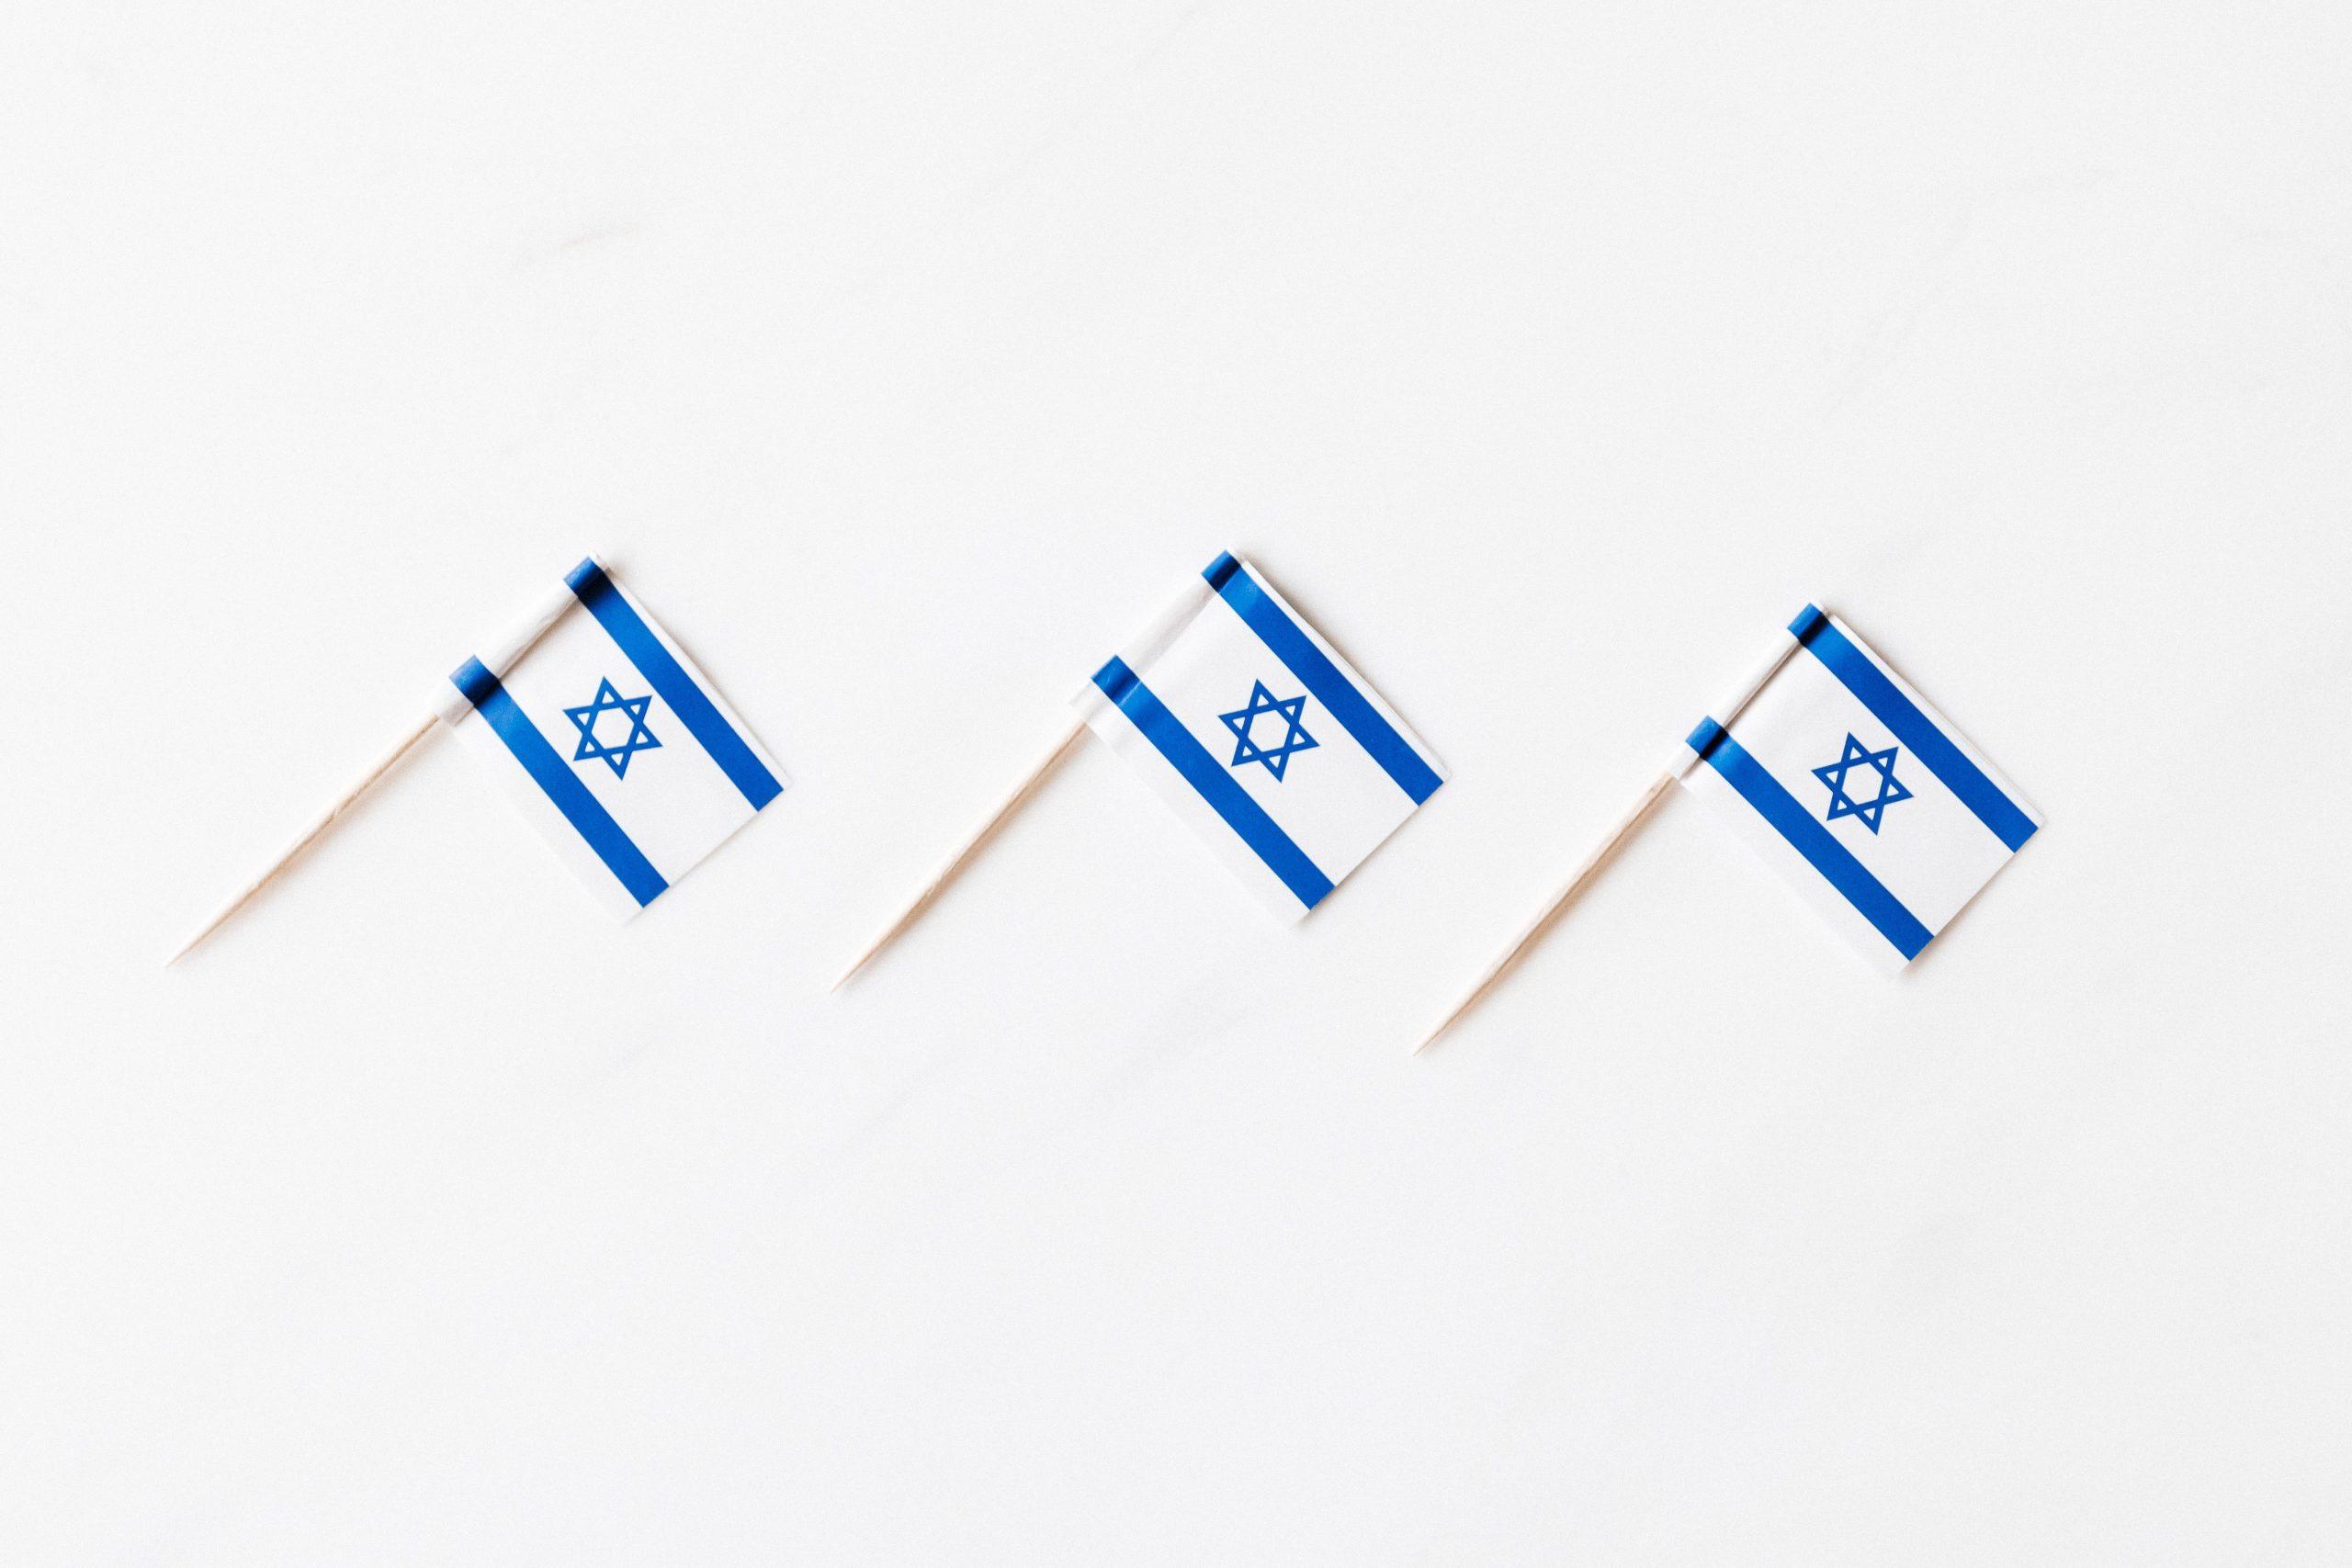 Israël : les plus de 60 ans doivent prendre une troisième dose de l'injection anti-covid